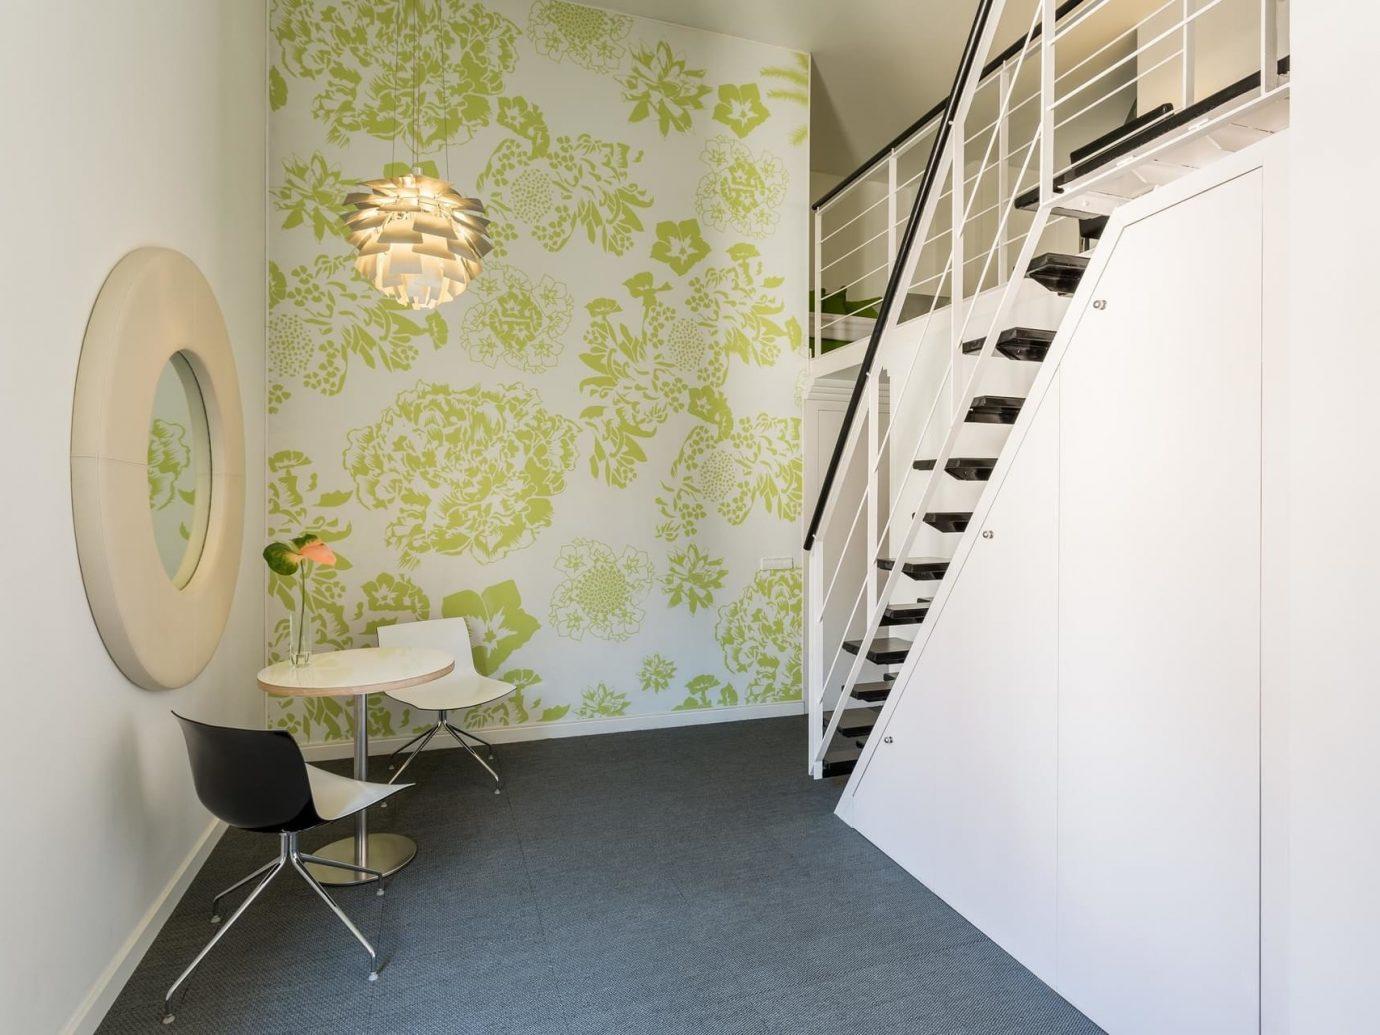 Hotels indoor floor room wall furniture interior design art flooring Design window covering wallpaper